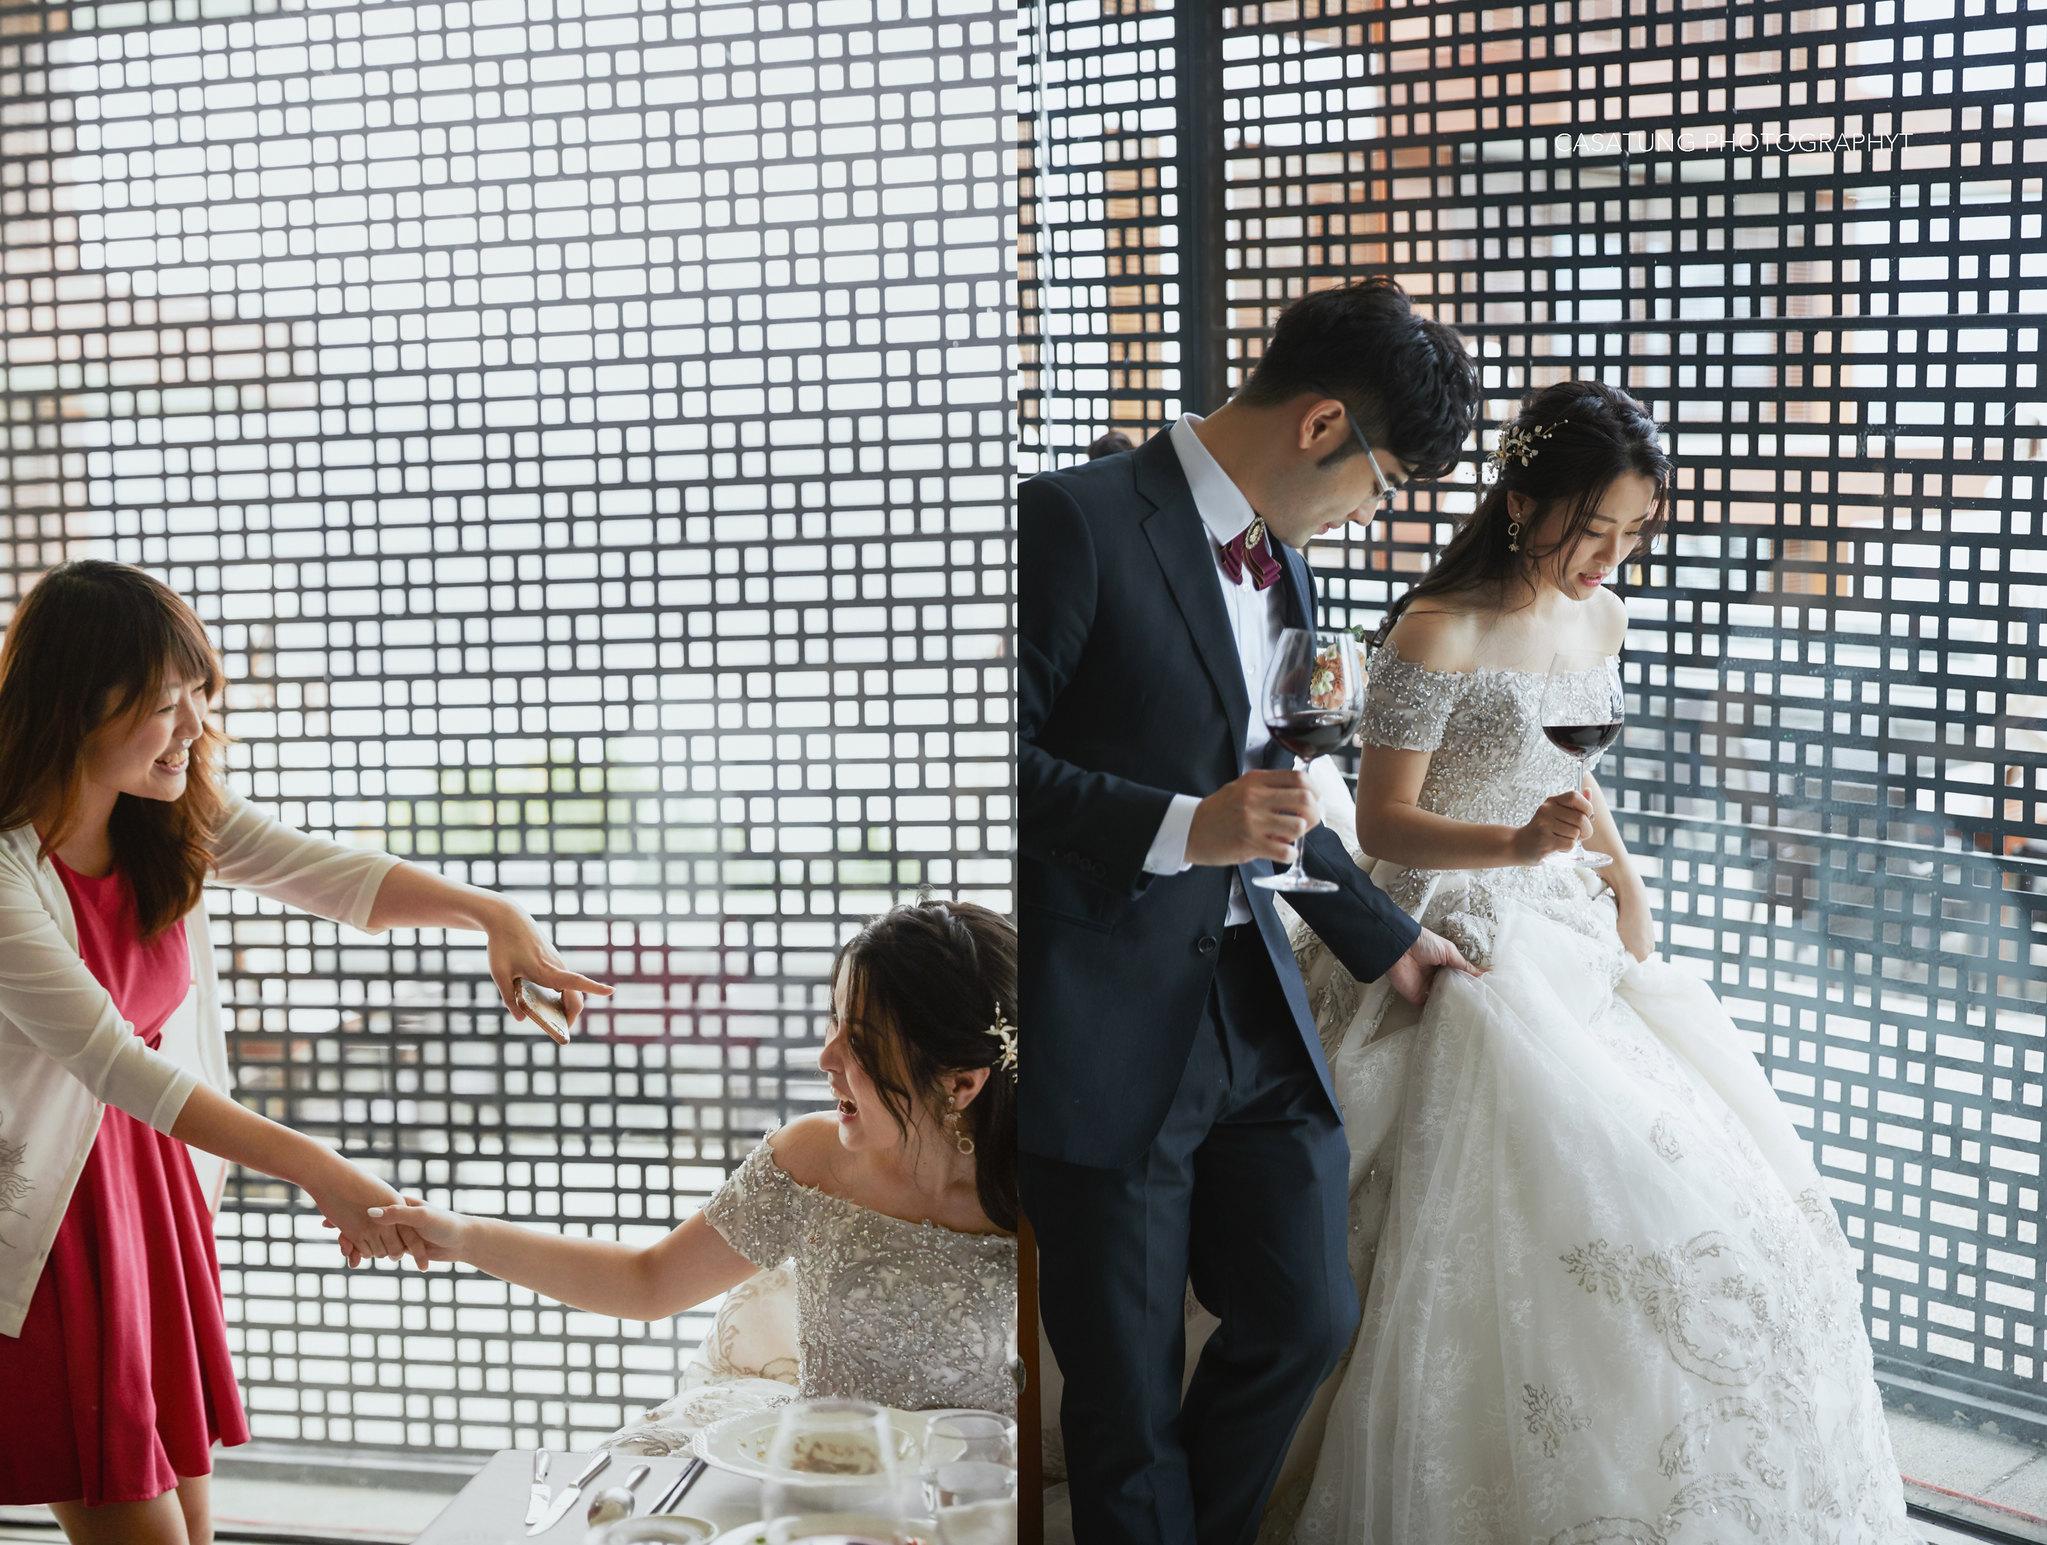 日月潭婚禮, 台中婚攝, 婚禮紀錄, 婚攝推薦, 涵碧樓婚禮, casa, casatung.台中婚攝casa-93